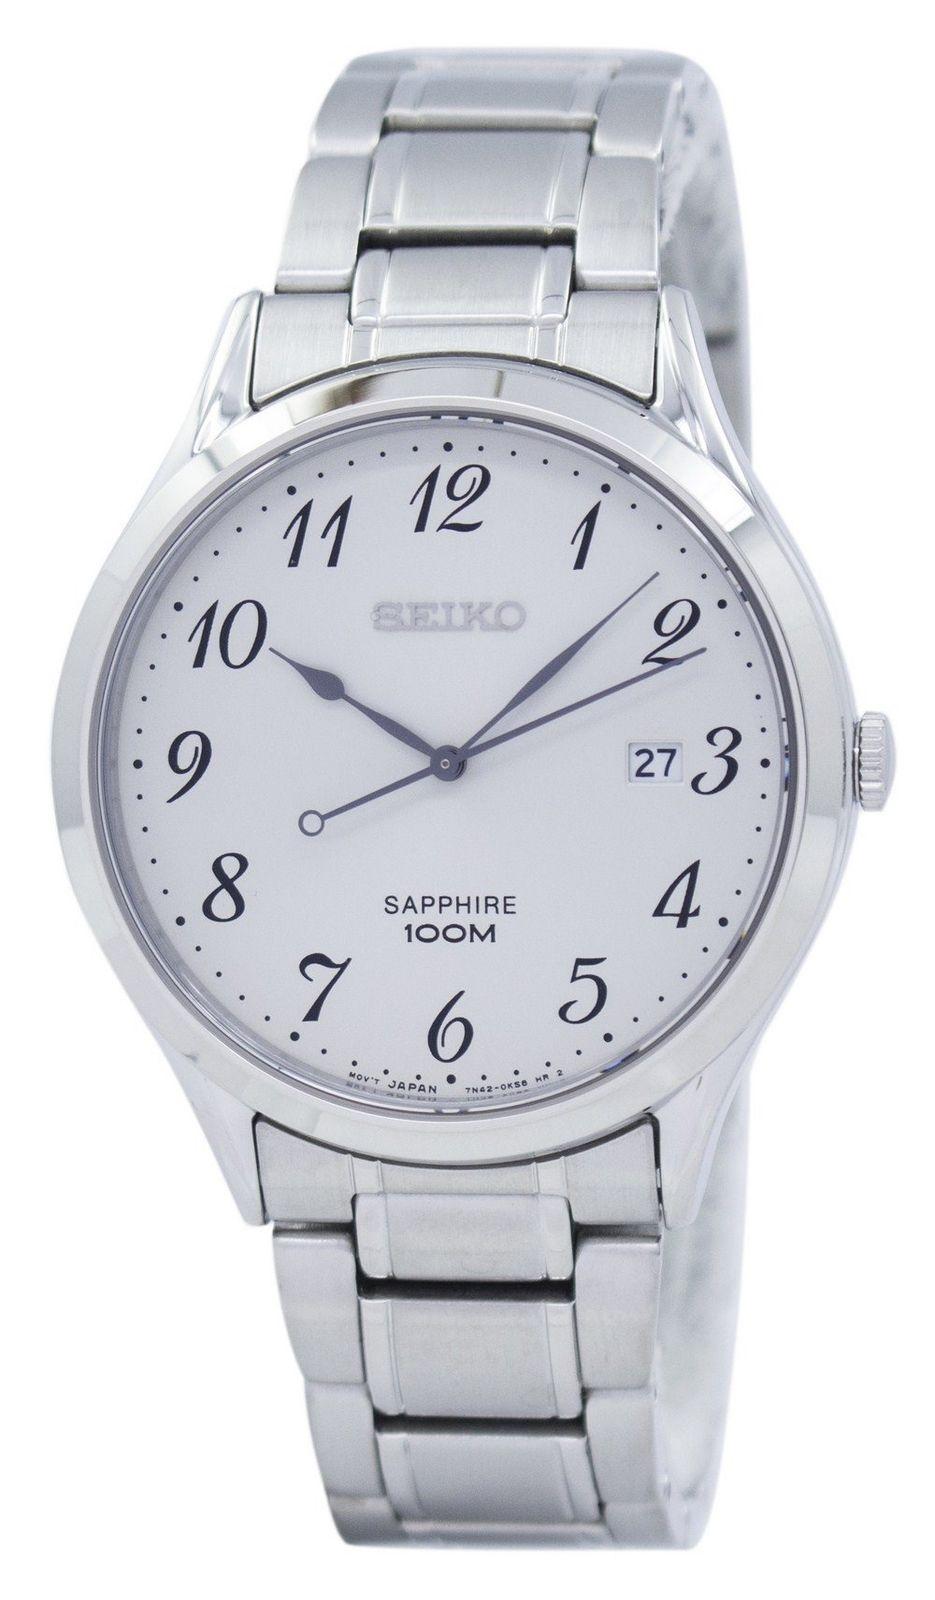 นาฬิกาผู้ชาย Seiko รุ่น SGEH73P1, Quartz